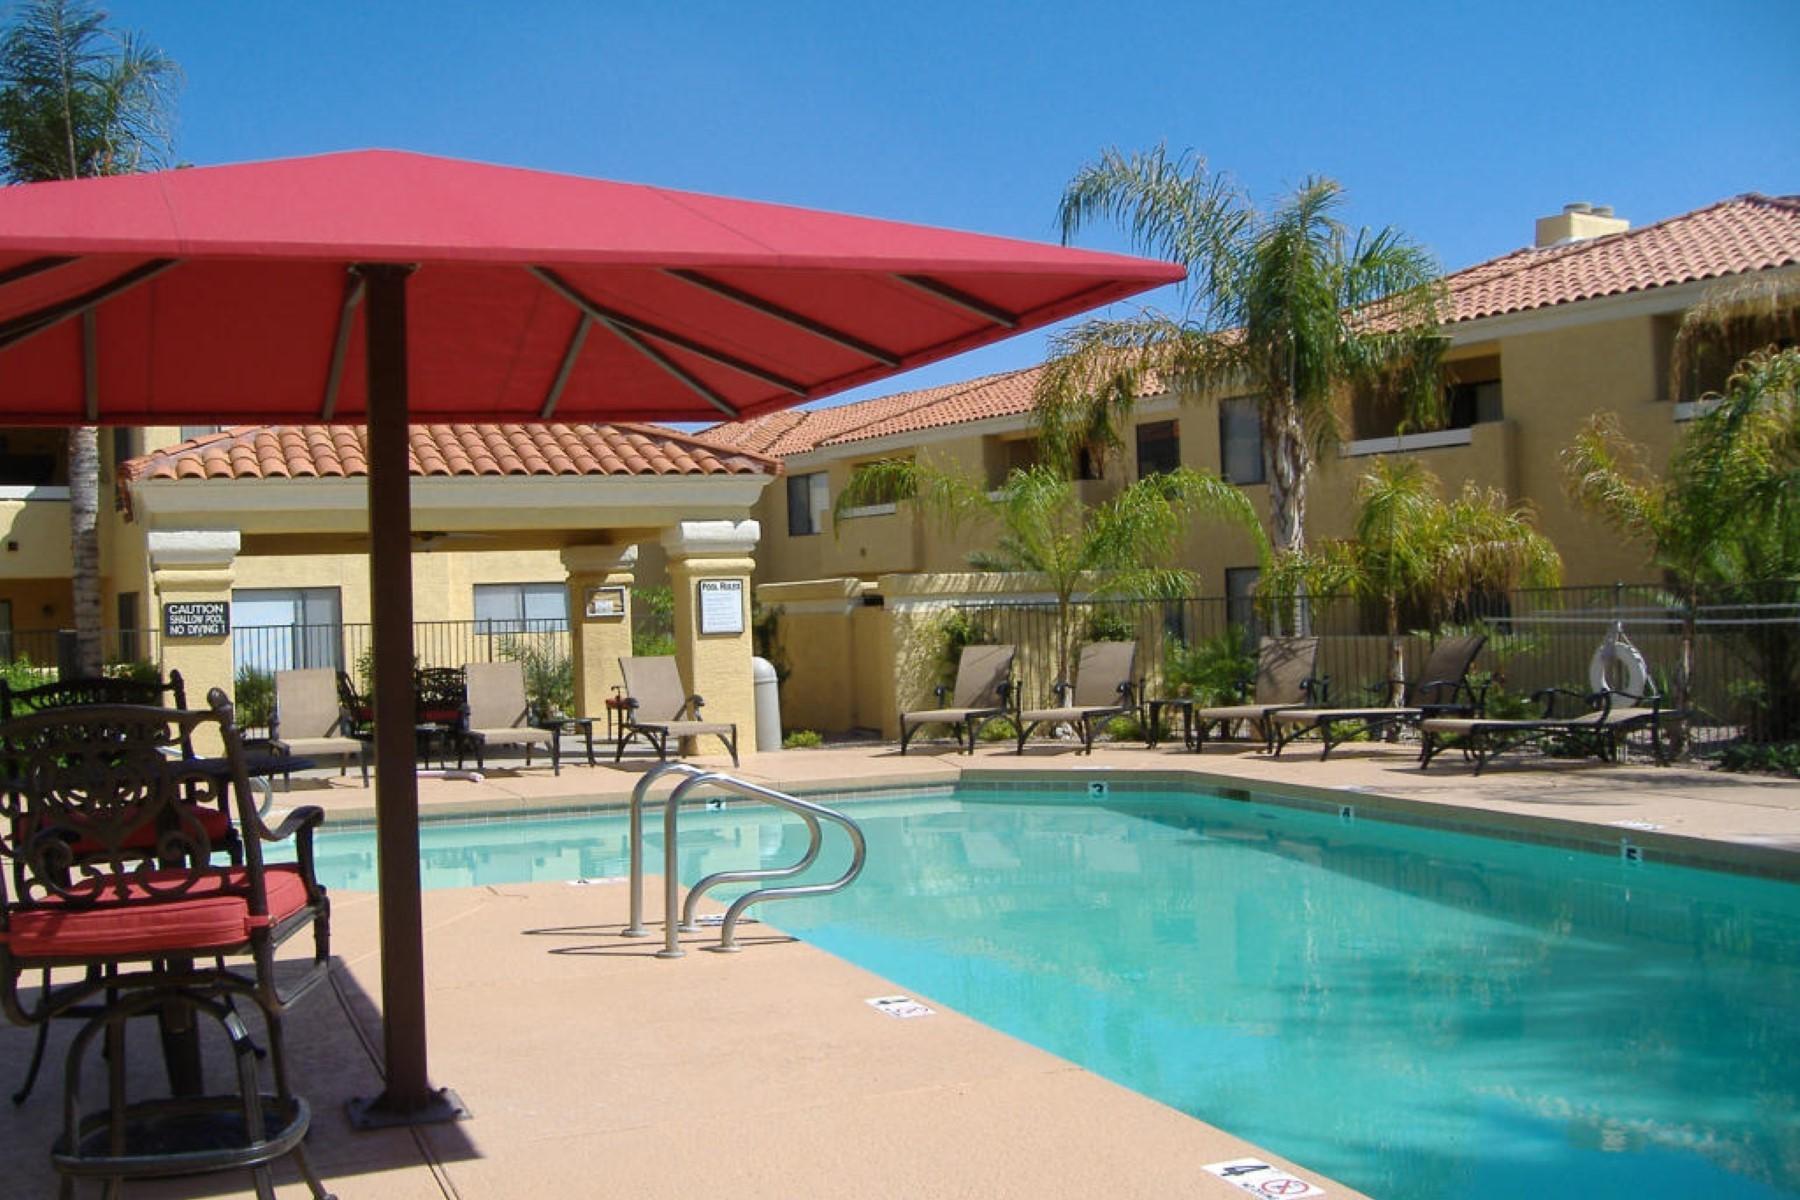 Apartamento para Venda às Very nice condo with upgrades 9990 N Scottsdale Rd #1037 Paradise Valley, Arizona, 85253 Estados Unidos